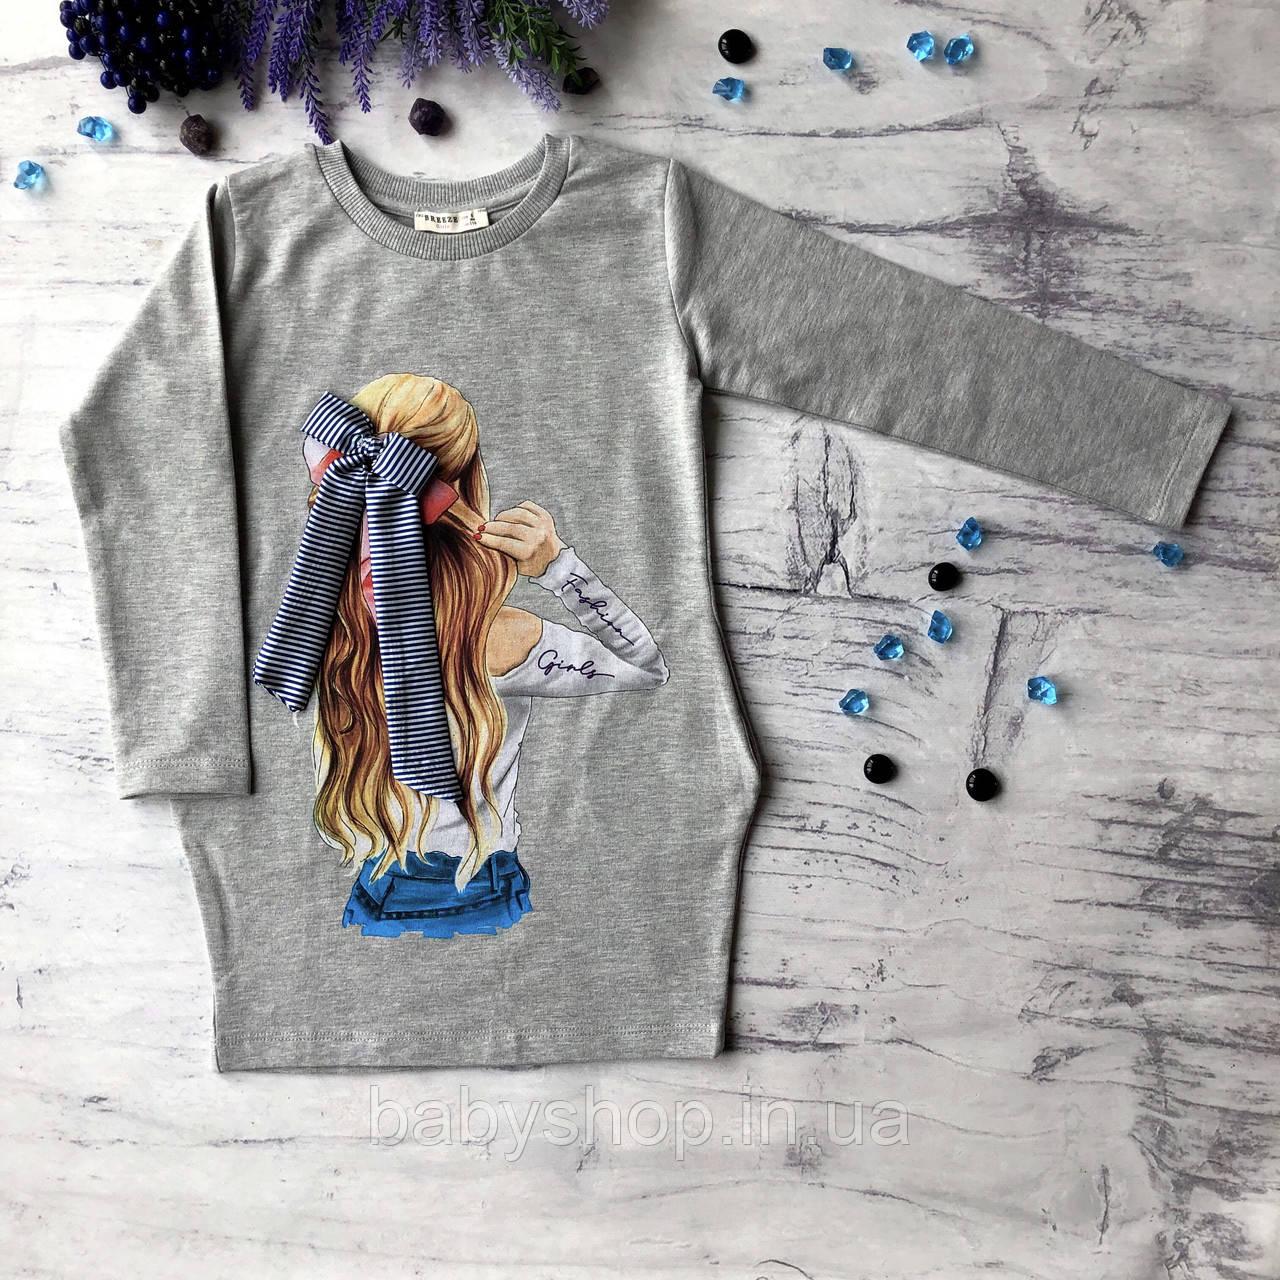 Детское серое платье Breeze для девочки 168. Размер 116 см (6 лет), 134 см, 140 см, 152 см